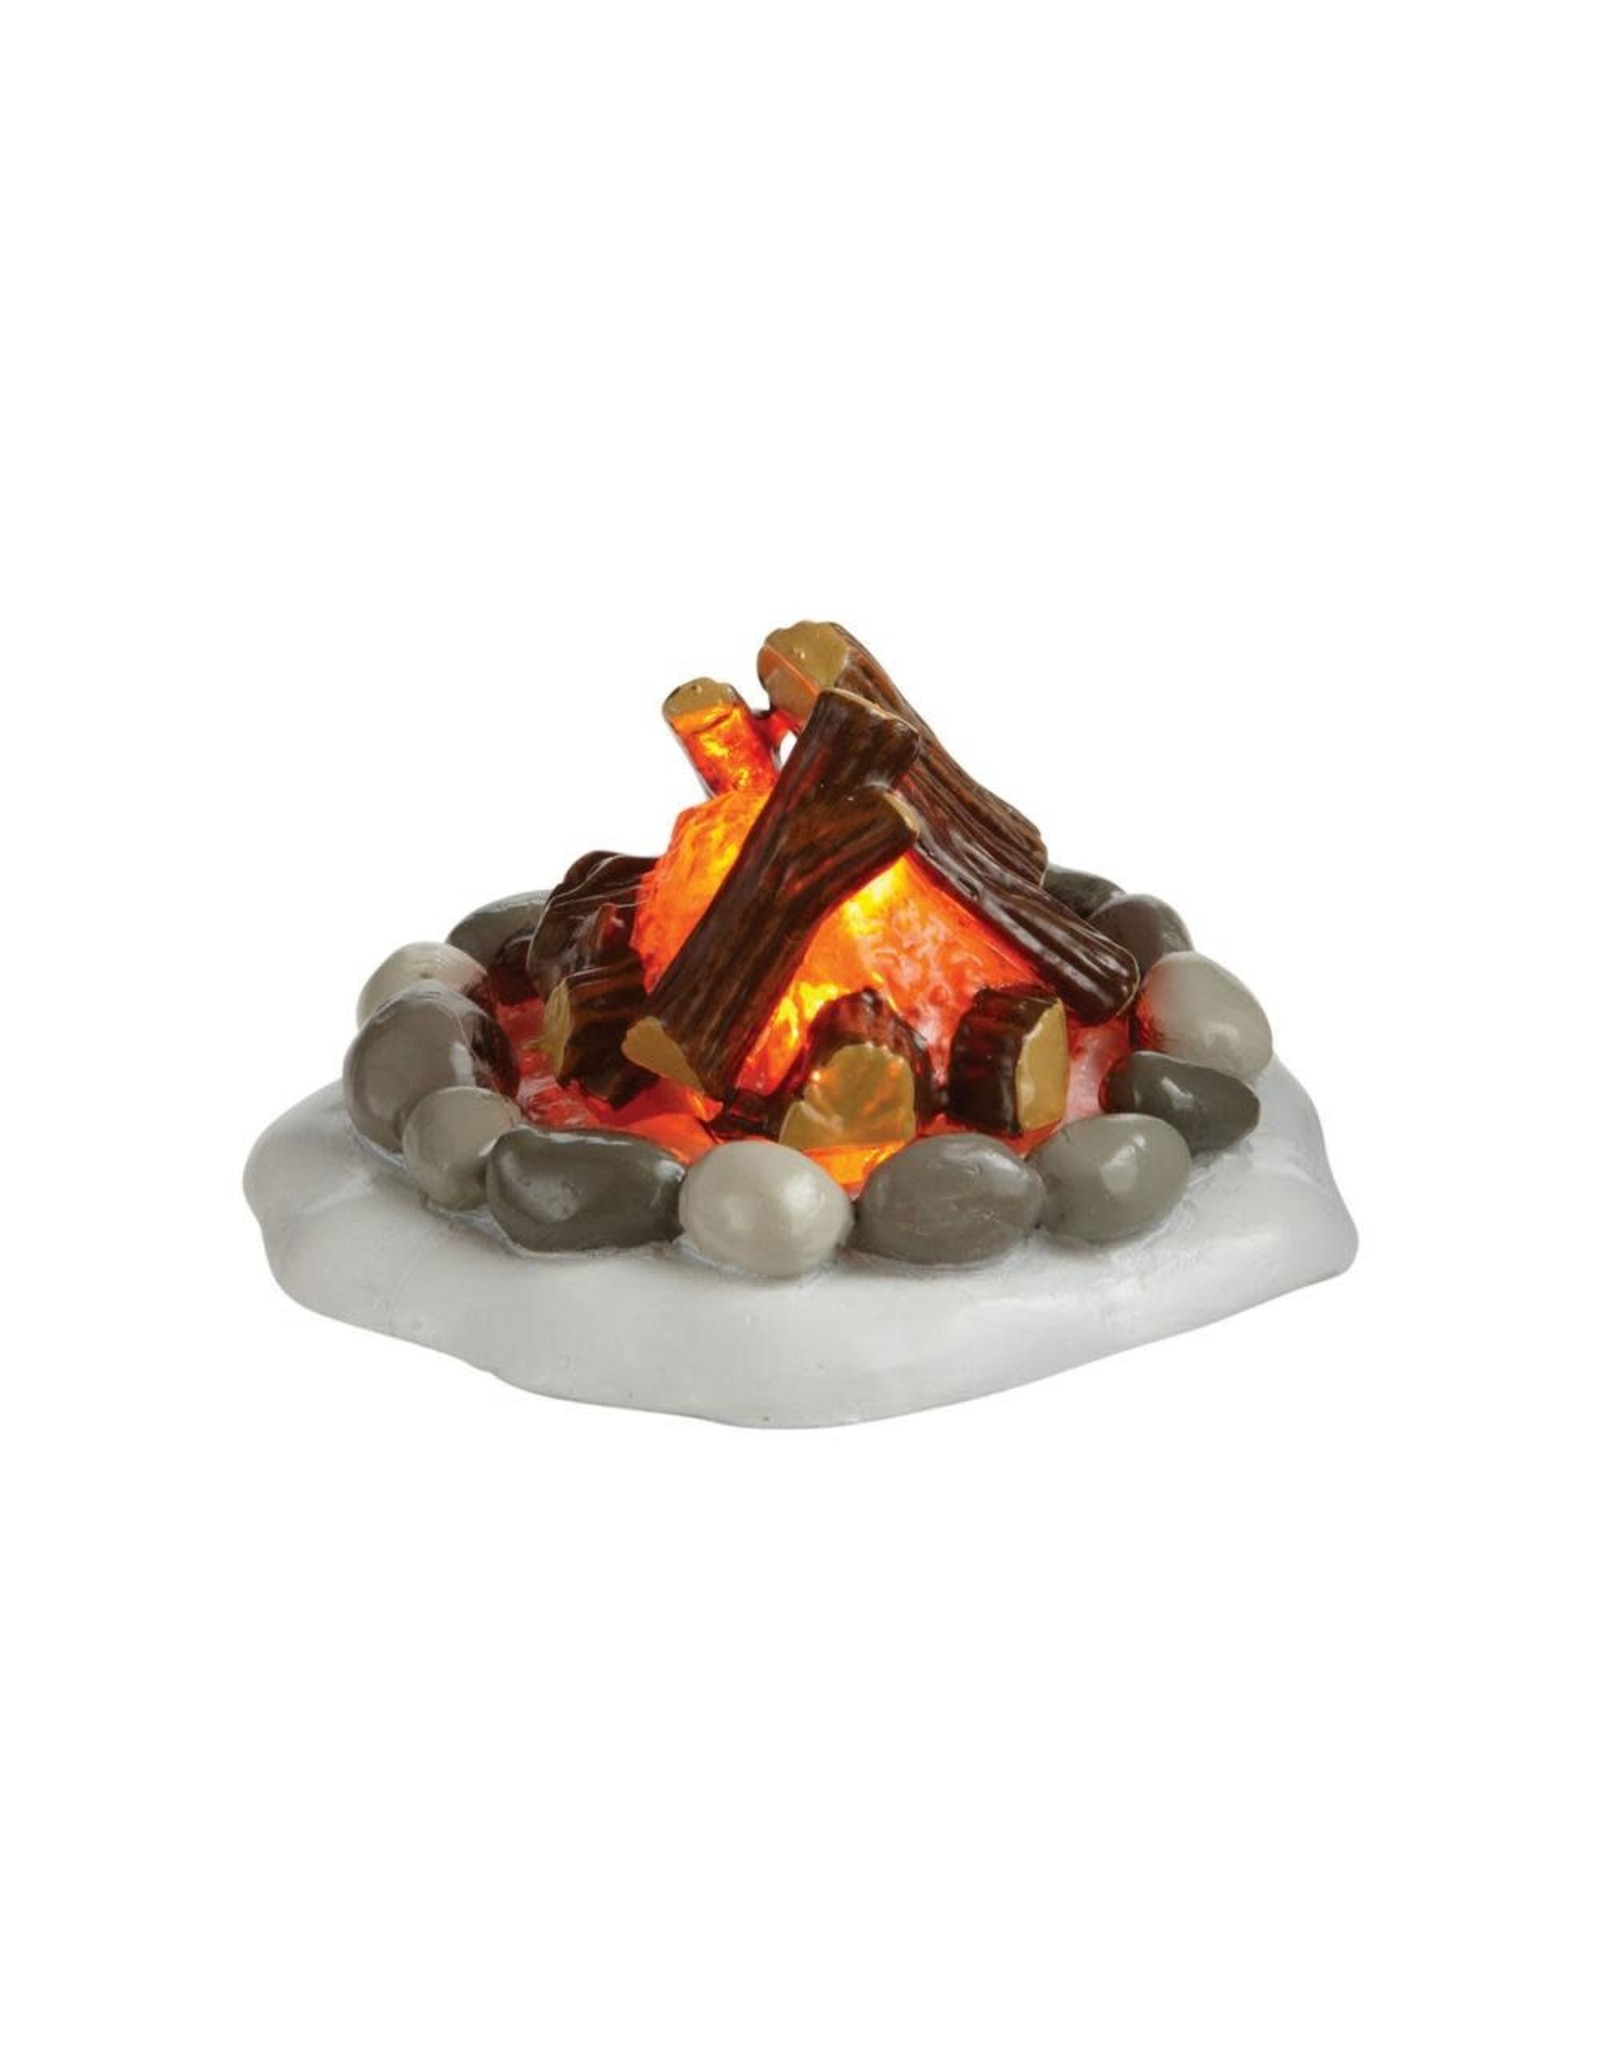 Enesco Lit Fire Pit